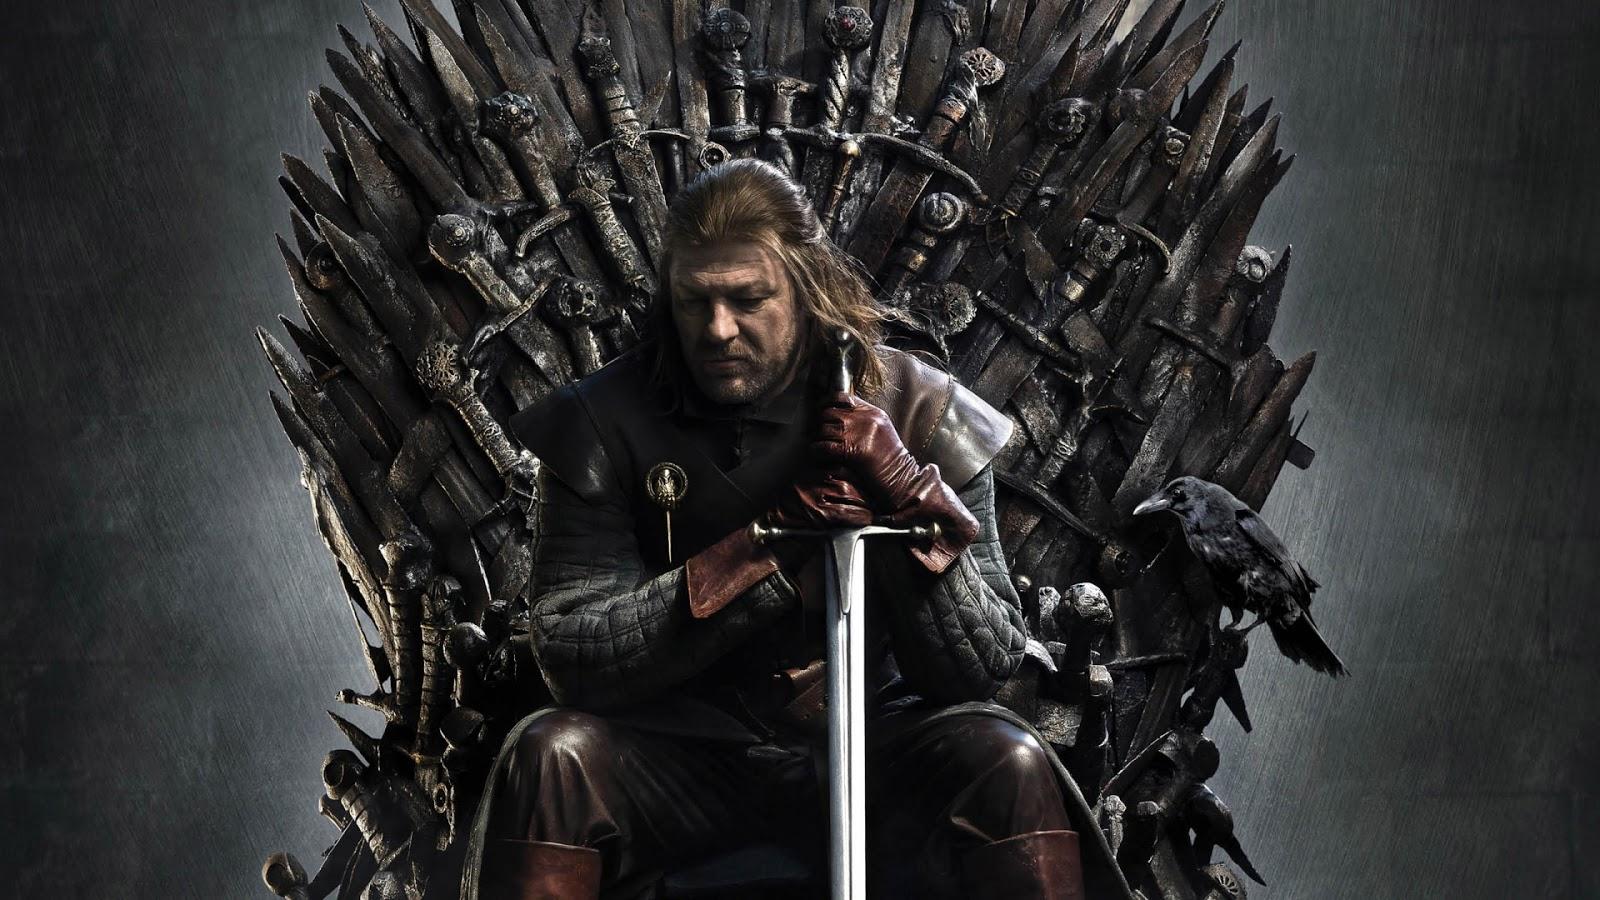 престолов игра смотреть онлайн: